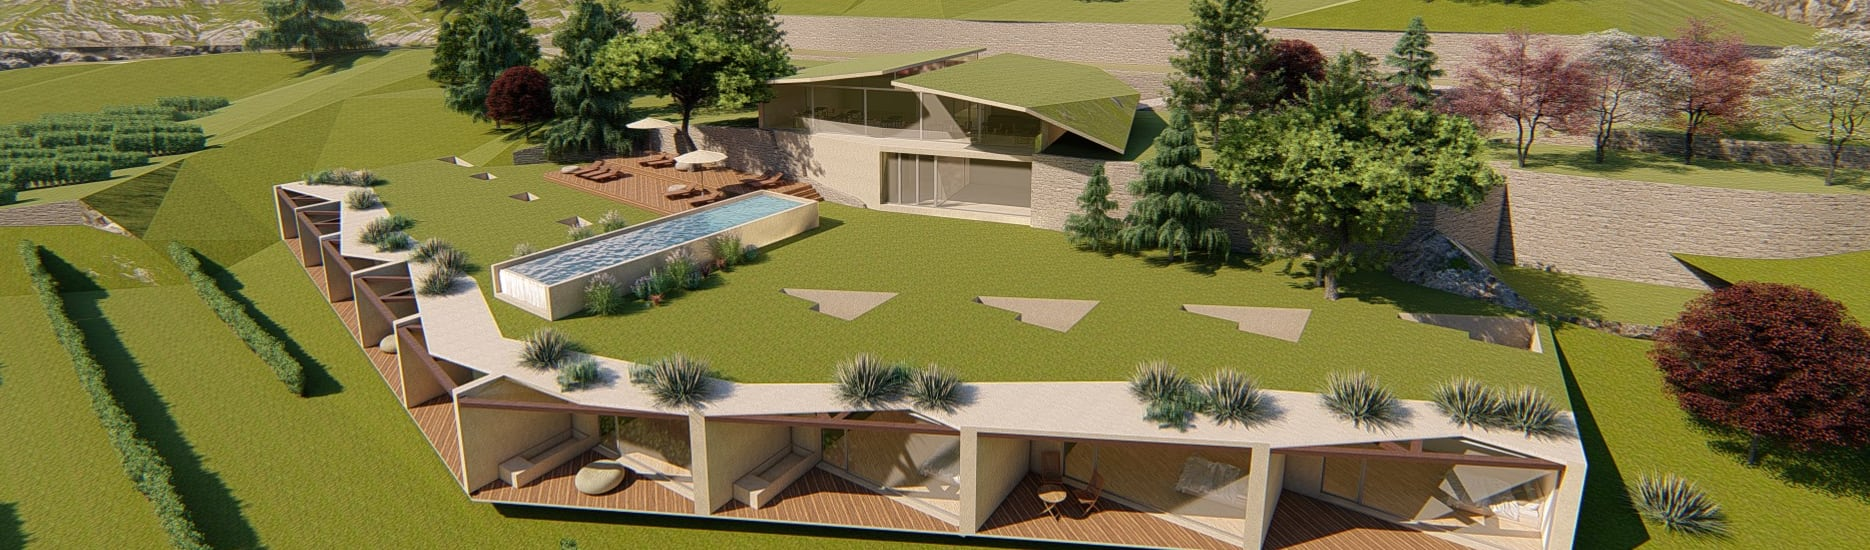 MJARC – Arquitetos Associados, lda